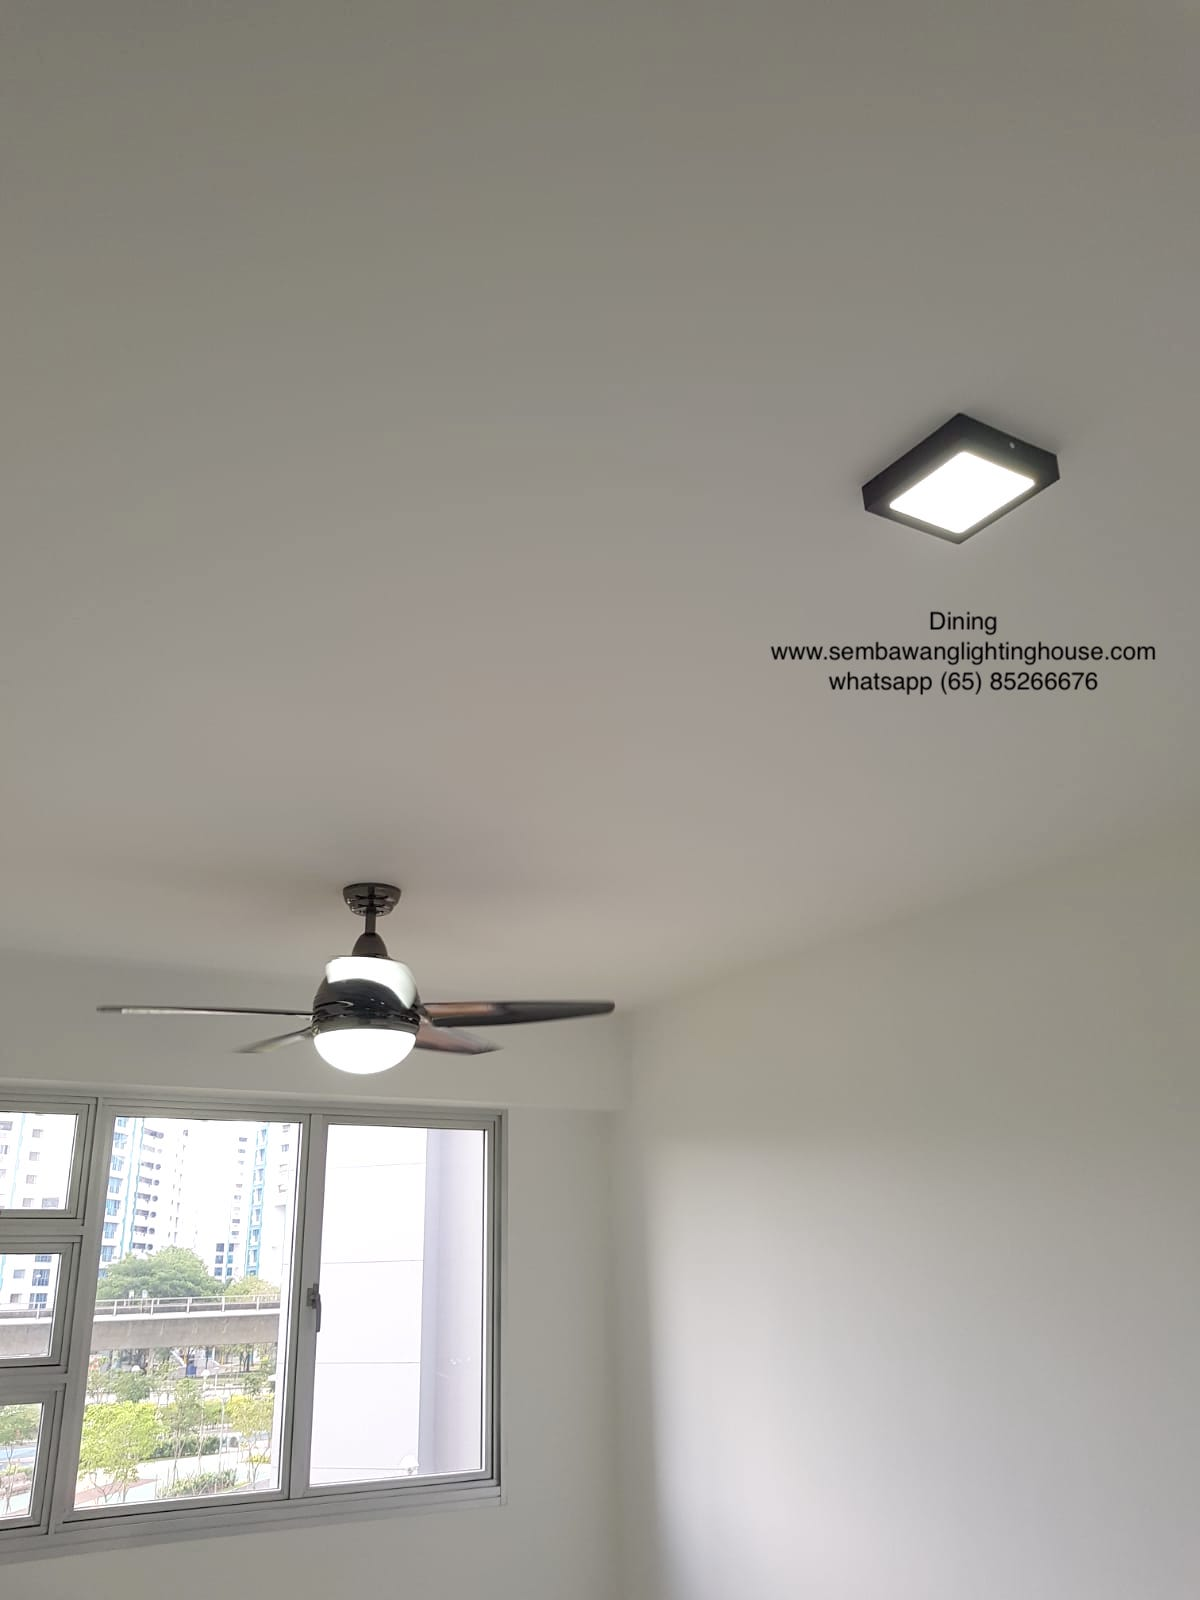 plain-square-ceiling-lamp-sample11-dining-sembawang-lighting-house.jpg